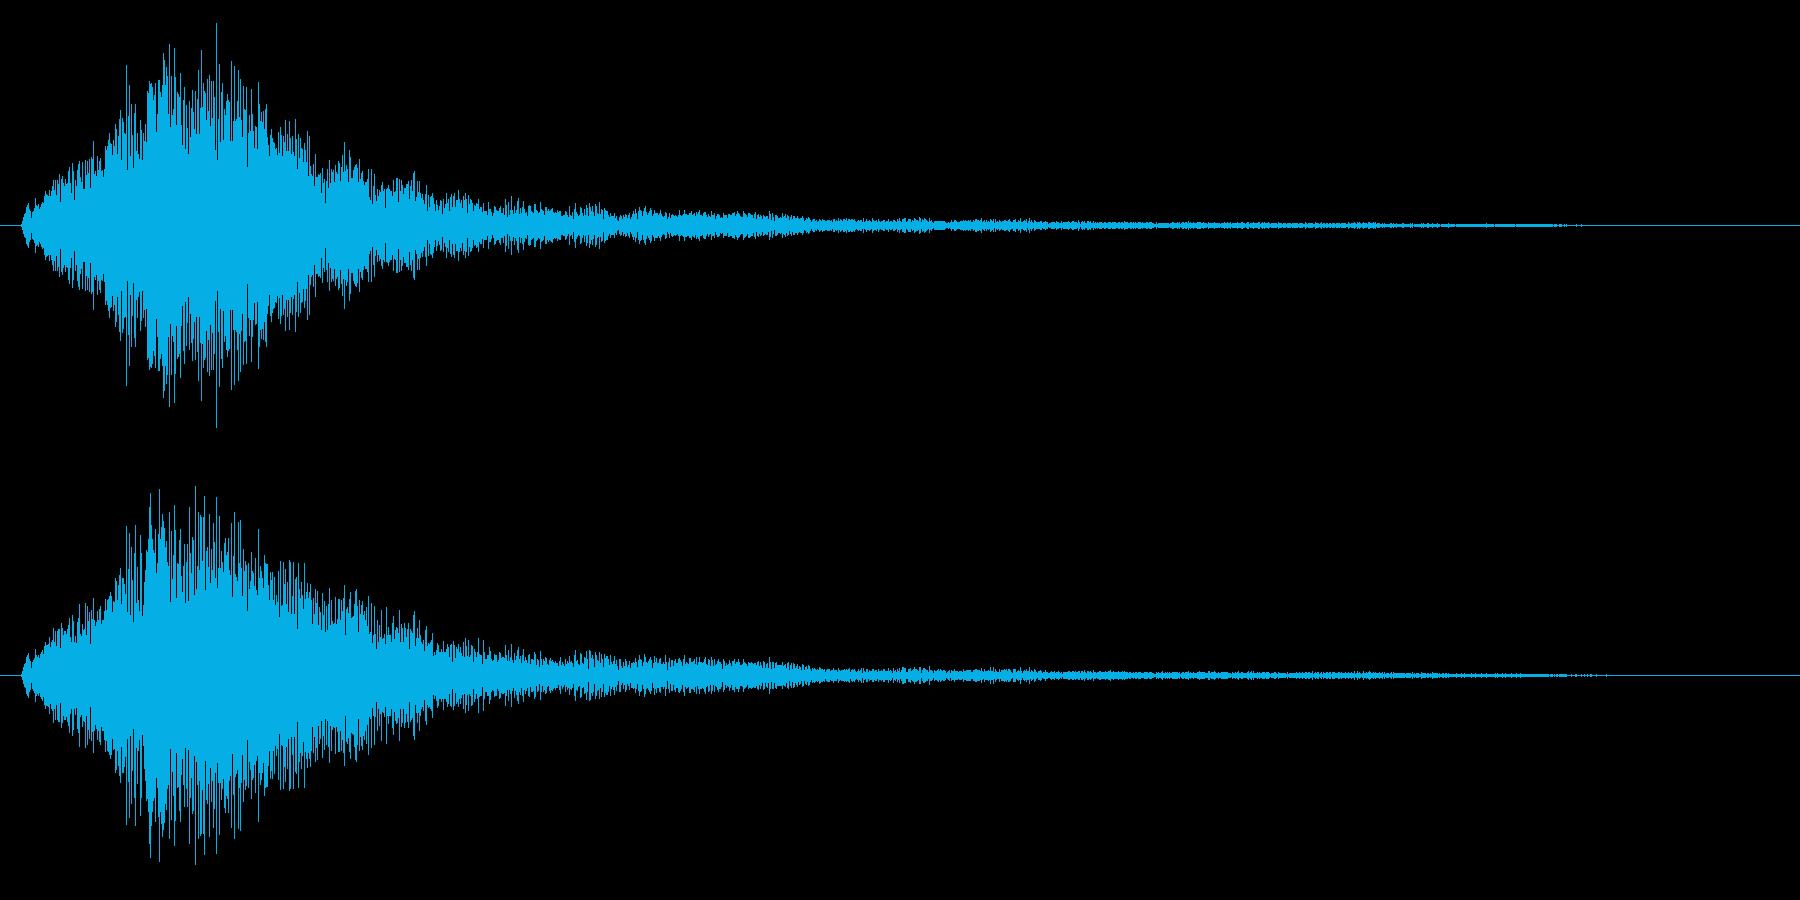 ハープグリッサンド上行1回~Bb7の再生済みの波形